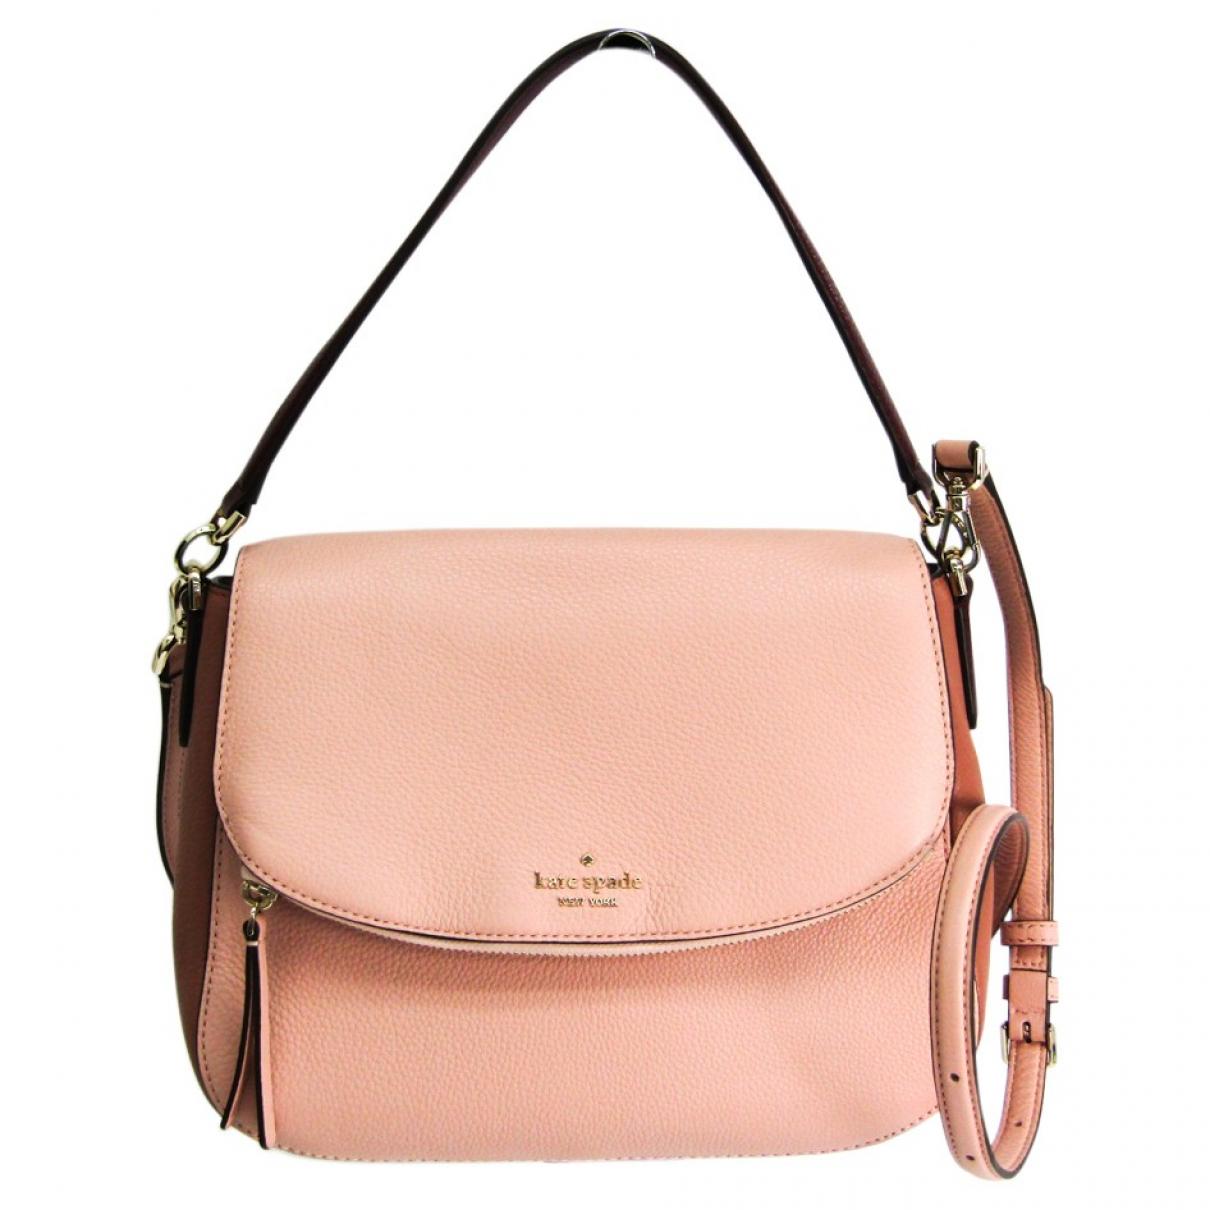 Kate Spade N Beige Leather handbag for Women N